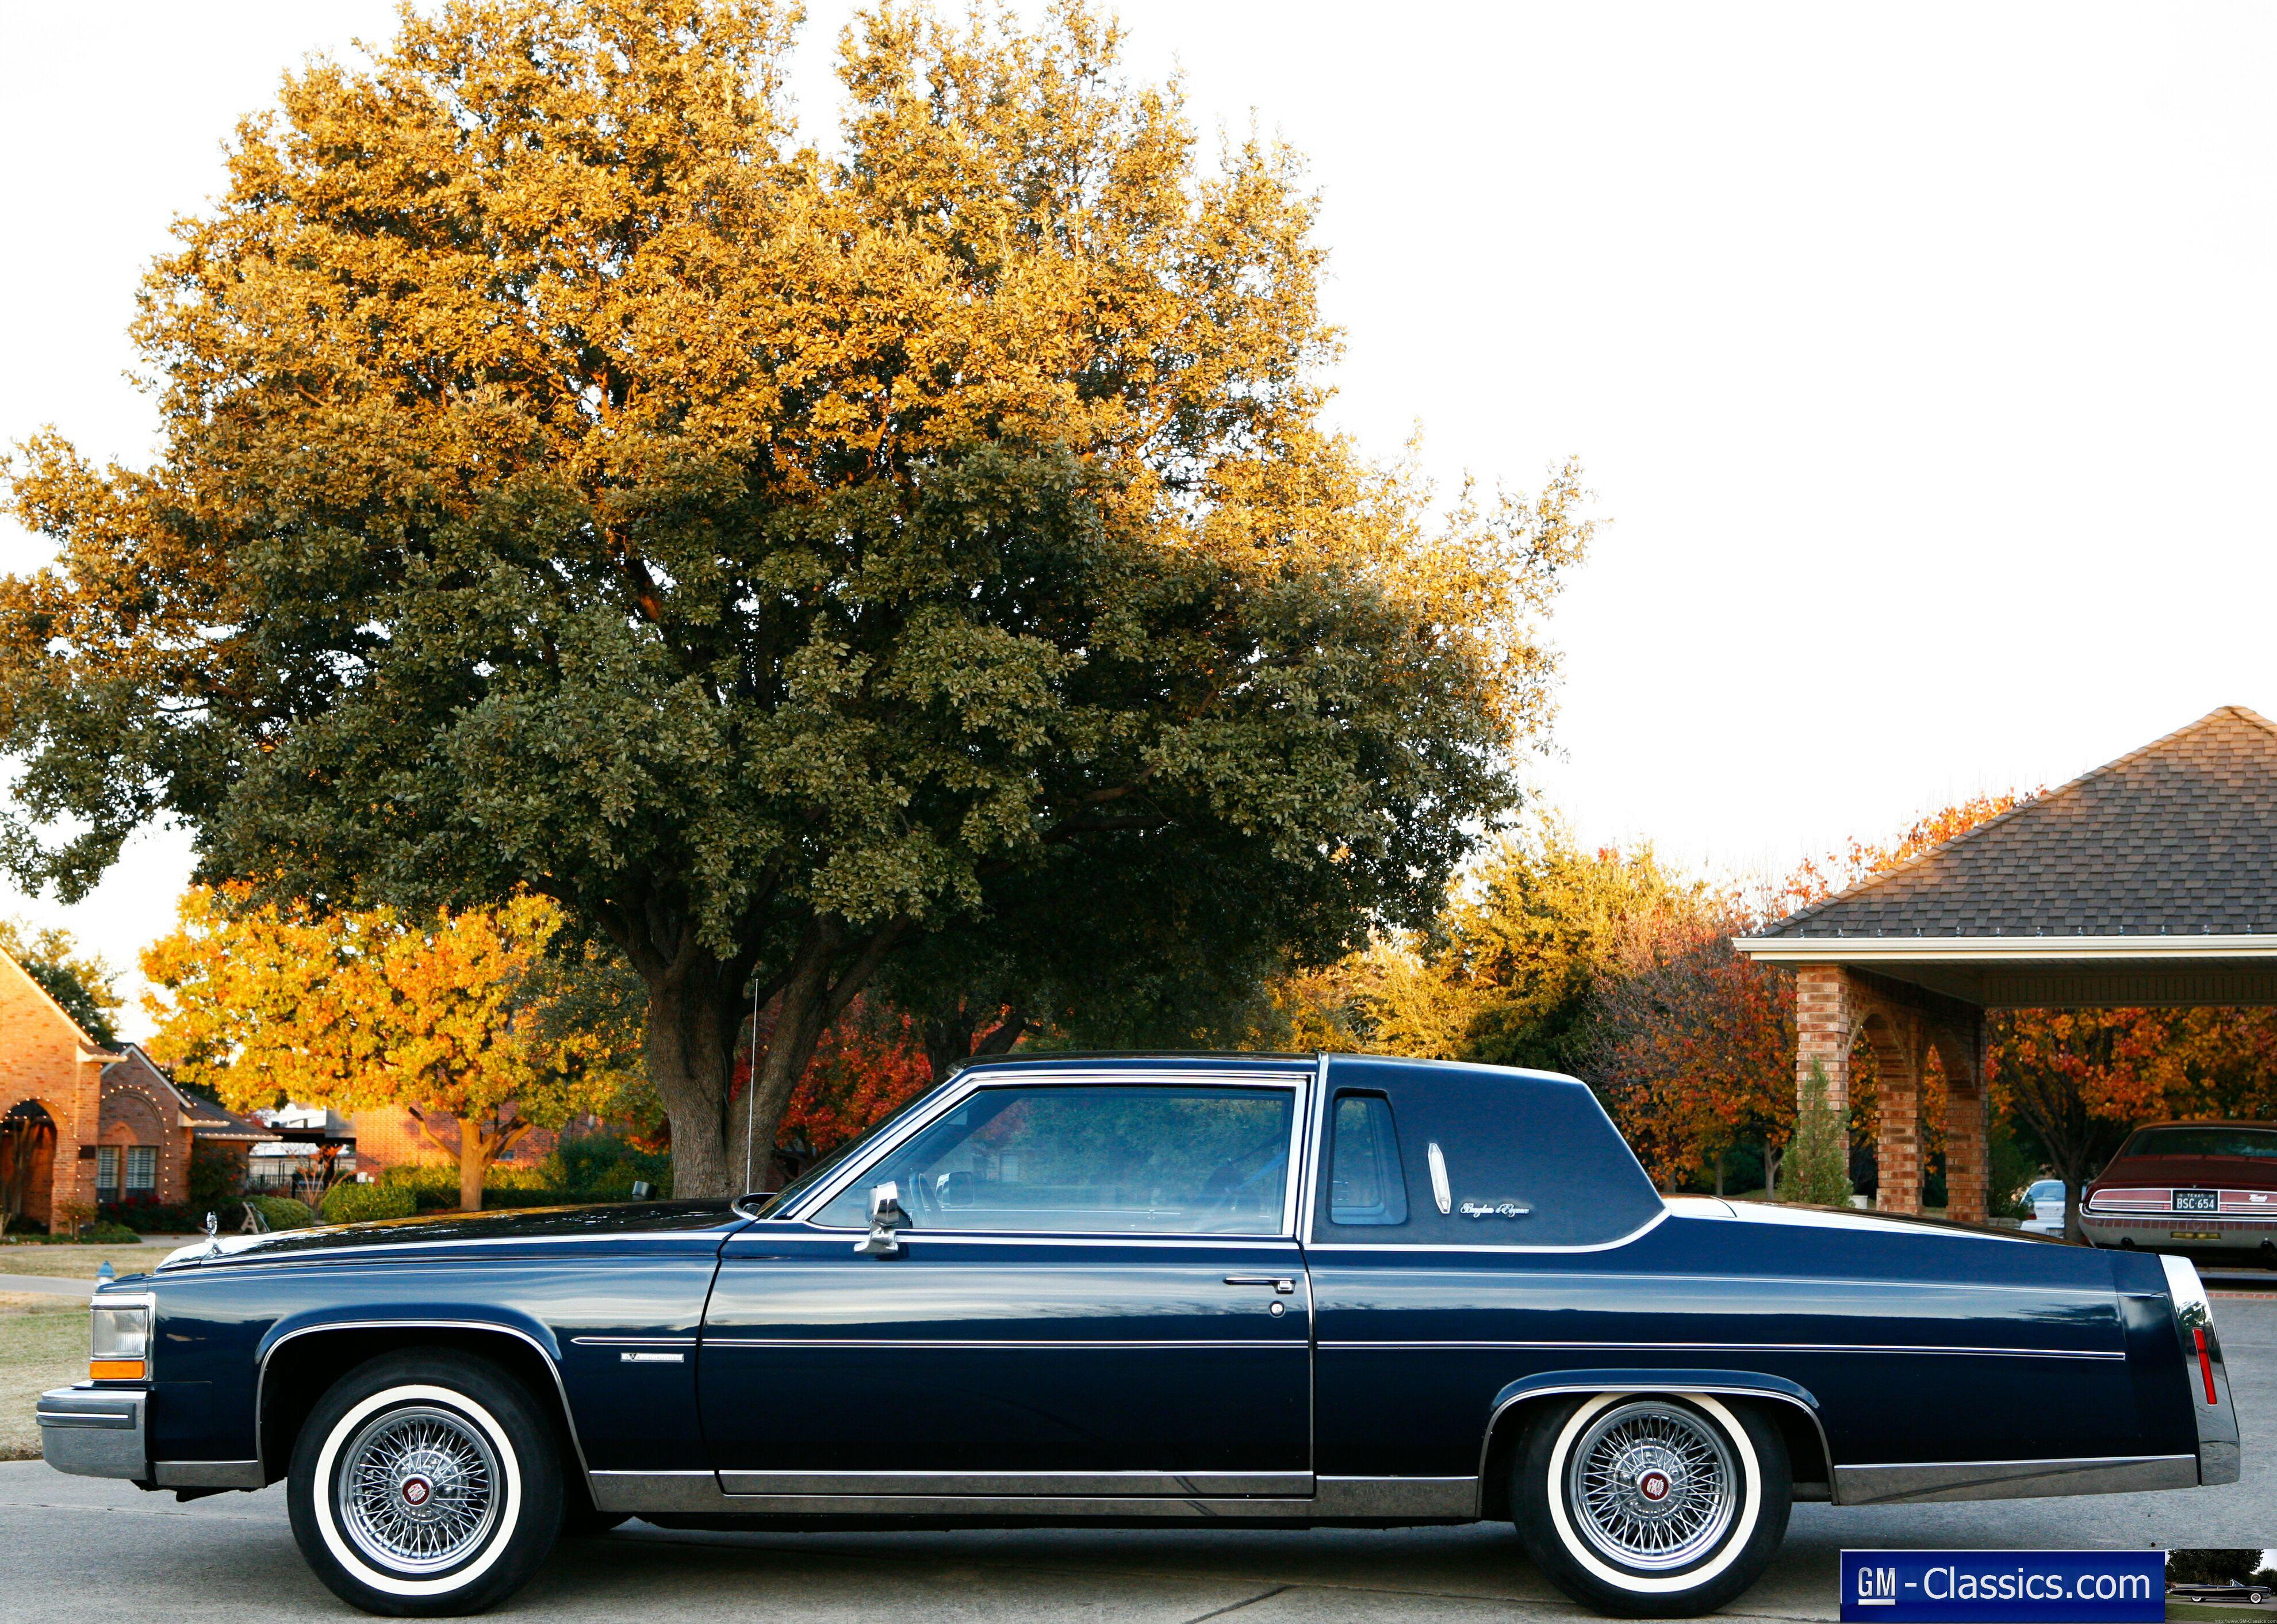 1981 Cadillac Fleetwood Brougham DeElegance - Matt Garrett